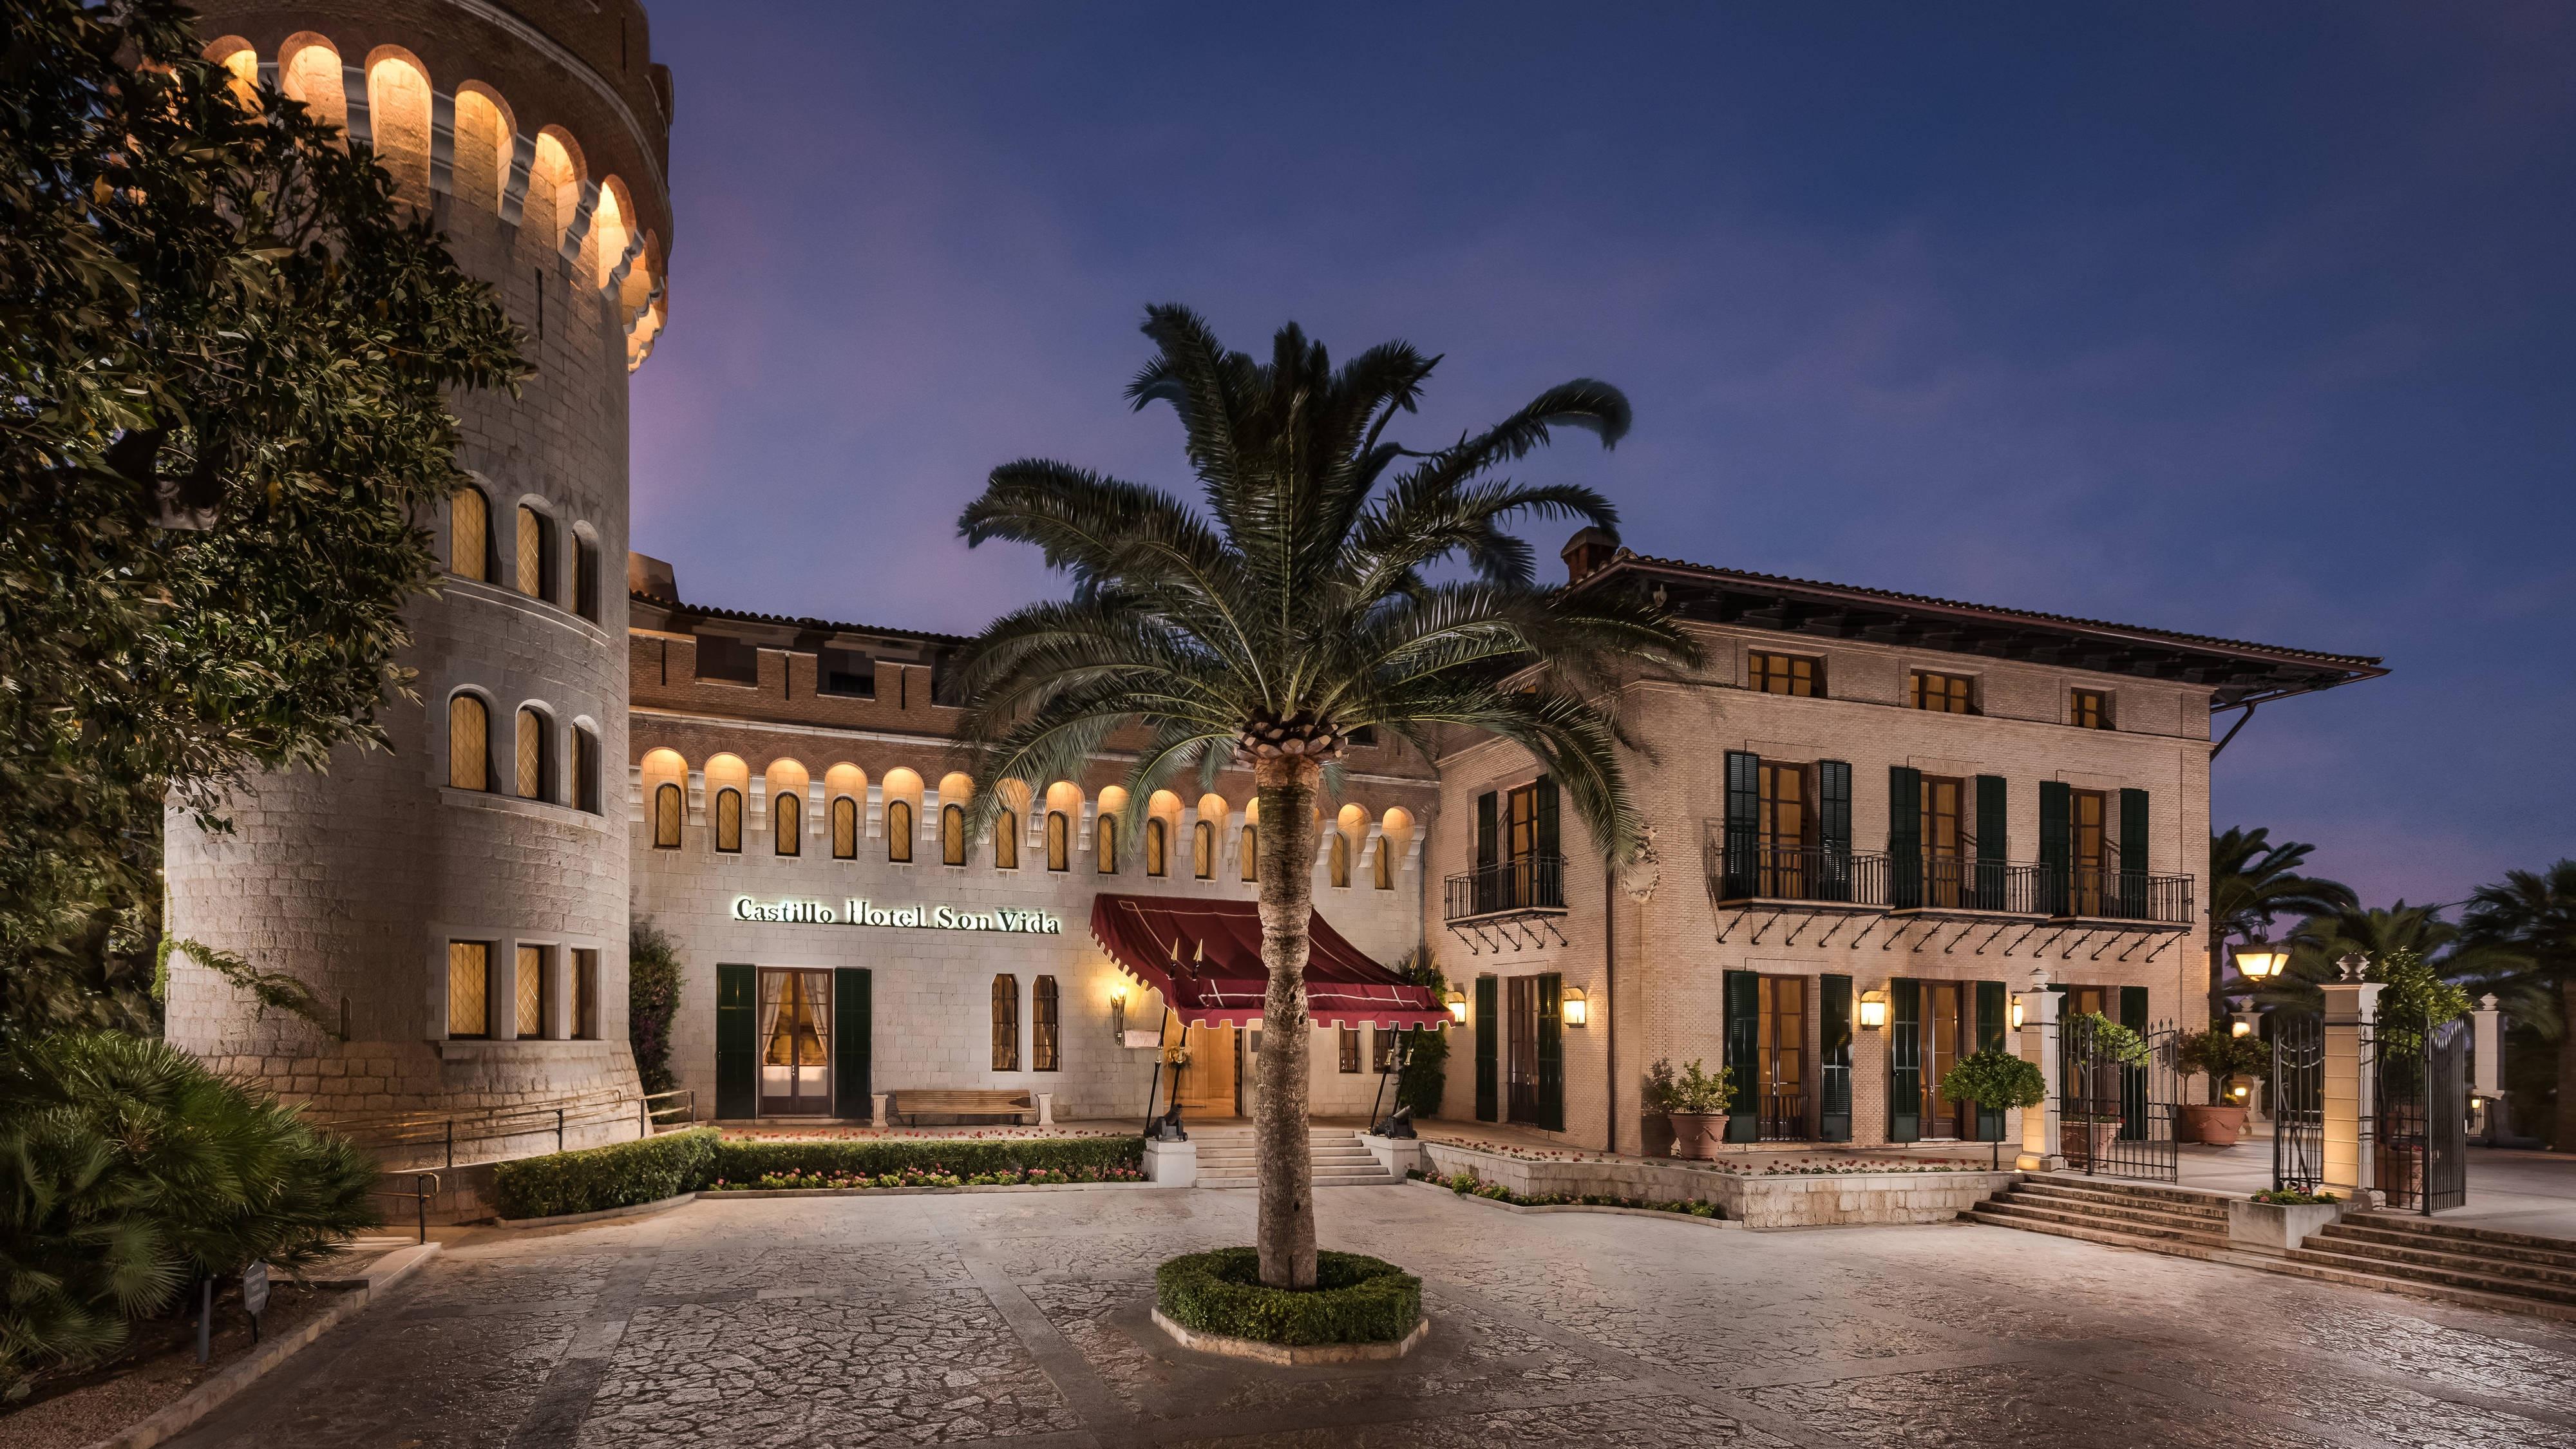 Luxury Hotels & Resorts In Palma De Mallorca Castillo